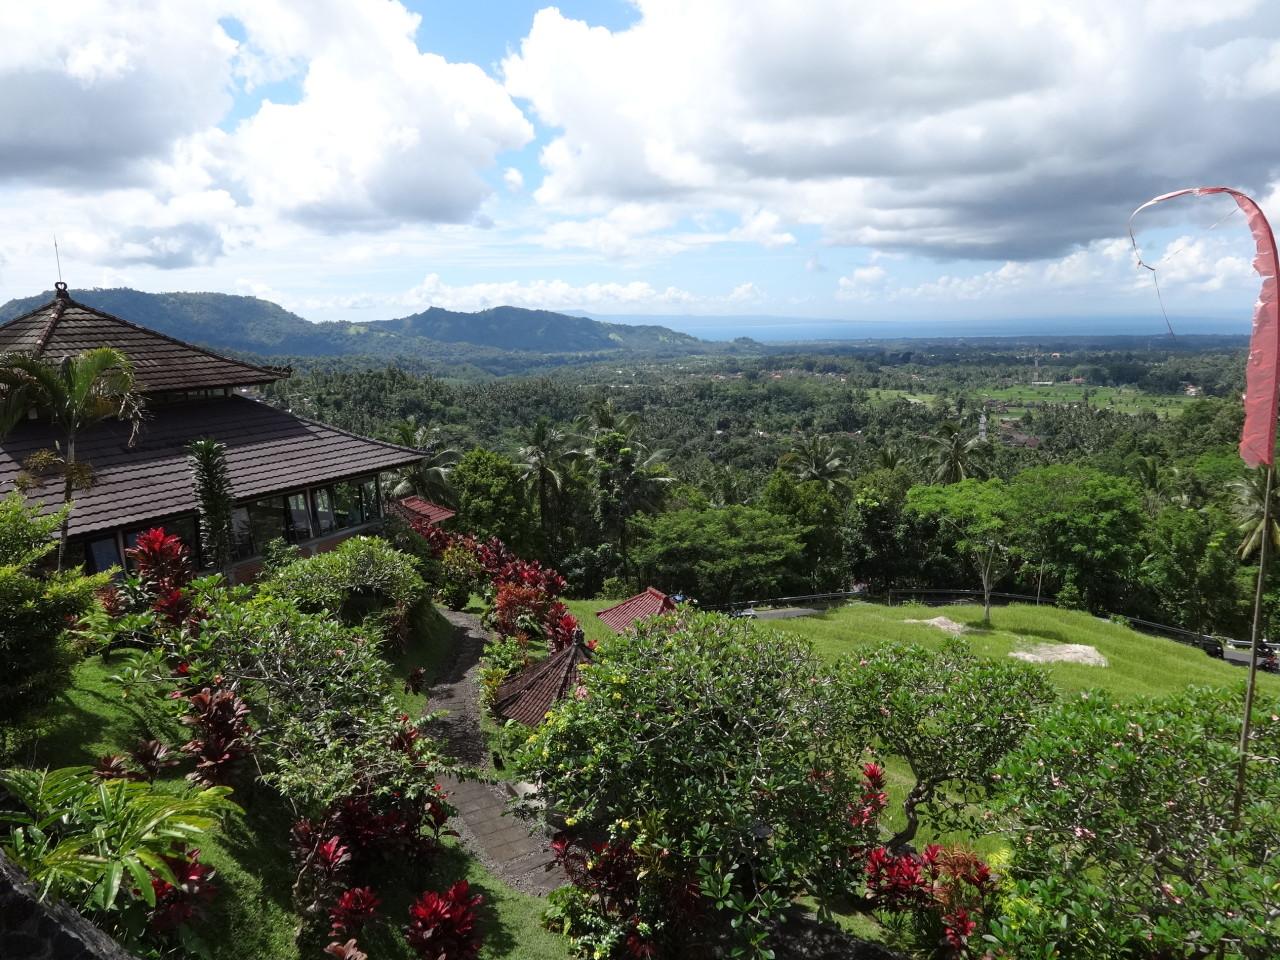 Romantische Reisfelder auf Bali - doch dieses Bild einer einsamen Landschaft trügt. @f1rstlife/ Elisa Miebach